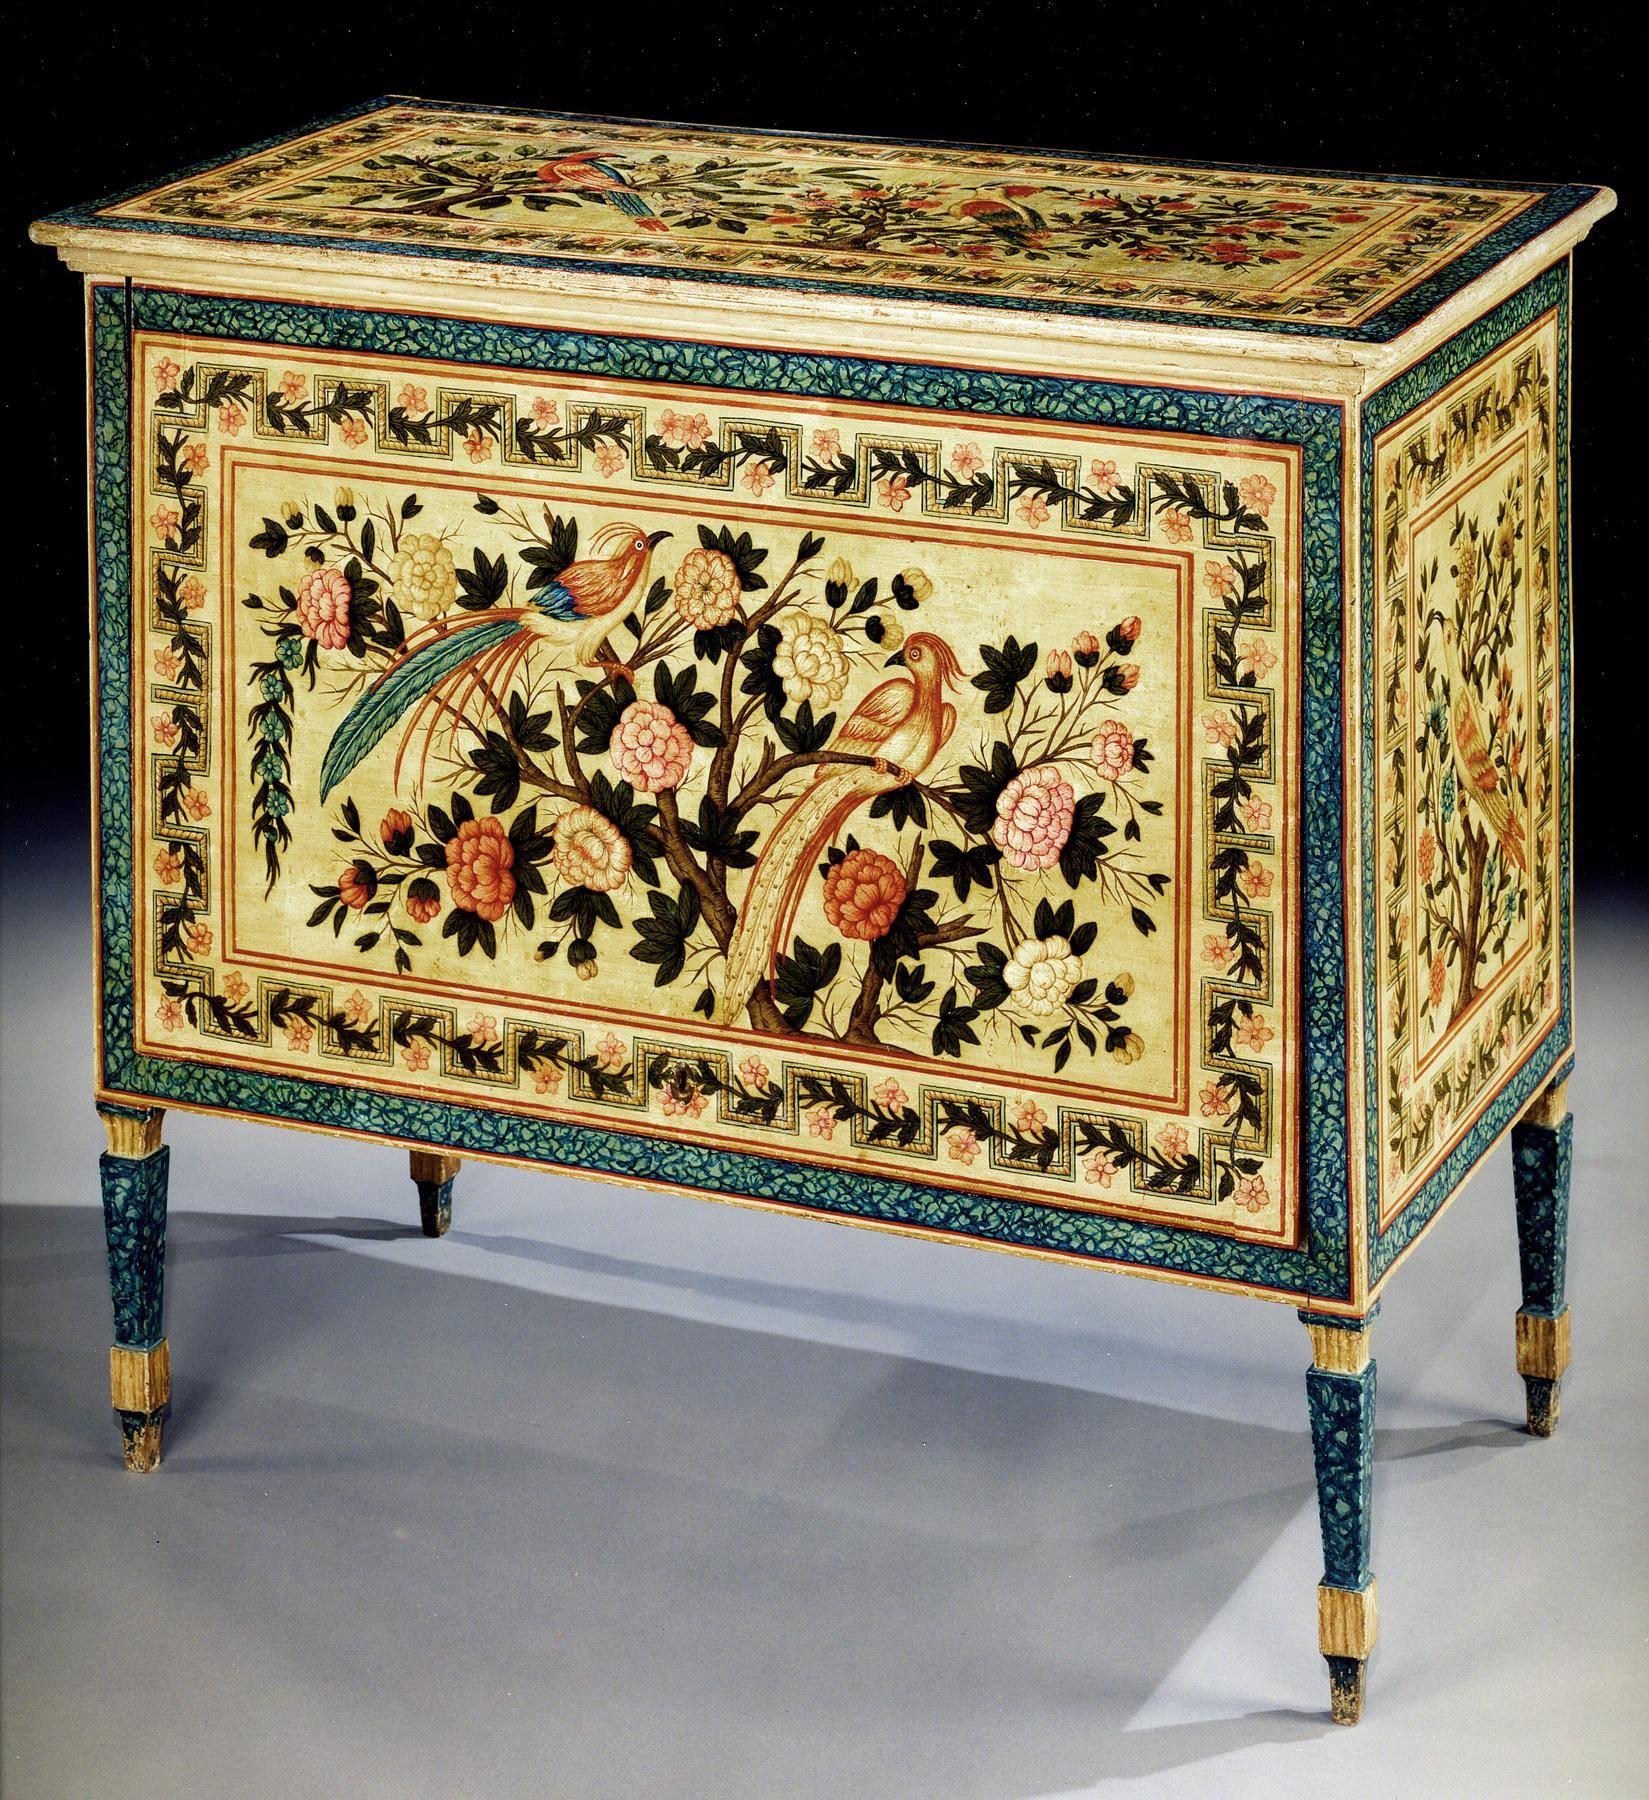 A Late 18th Century Italian Painted Commode Meuble Italien Meubles Peints Mobilier De Salon